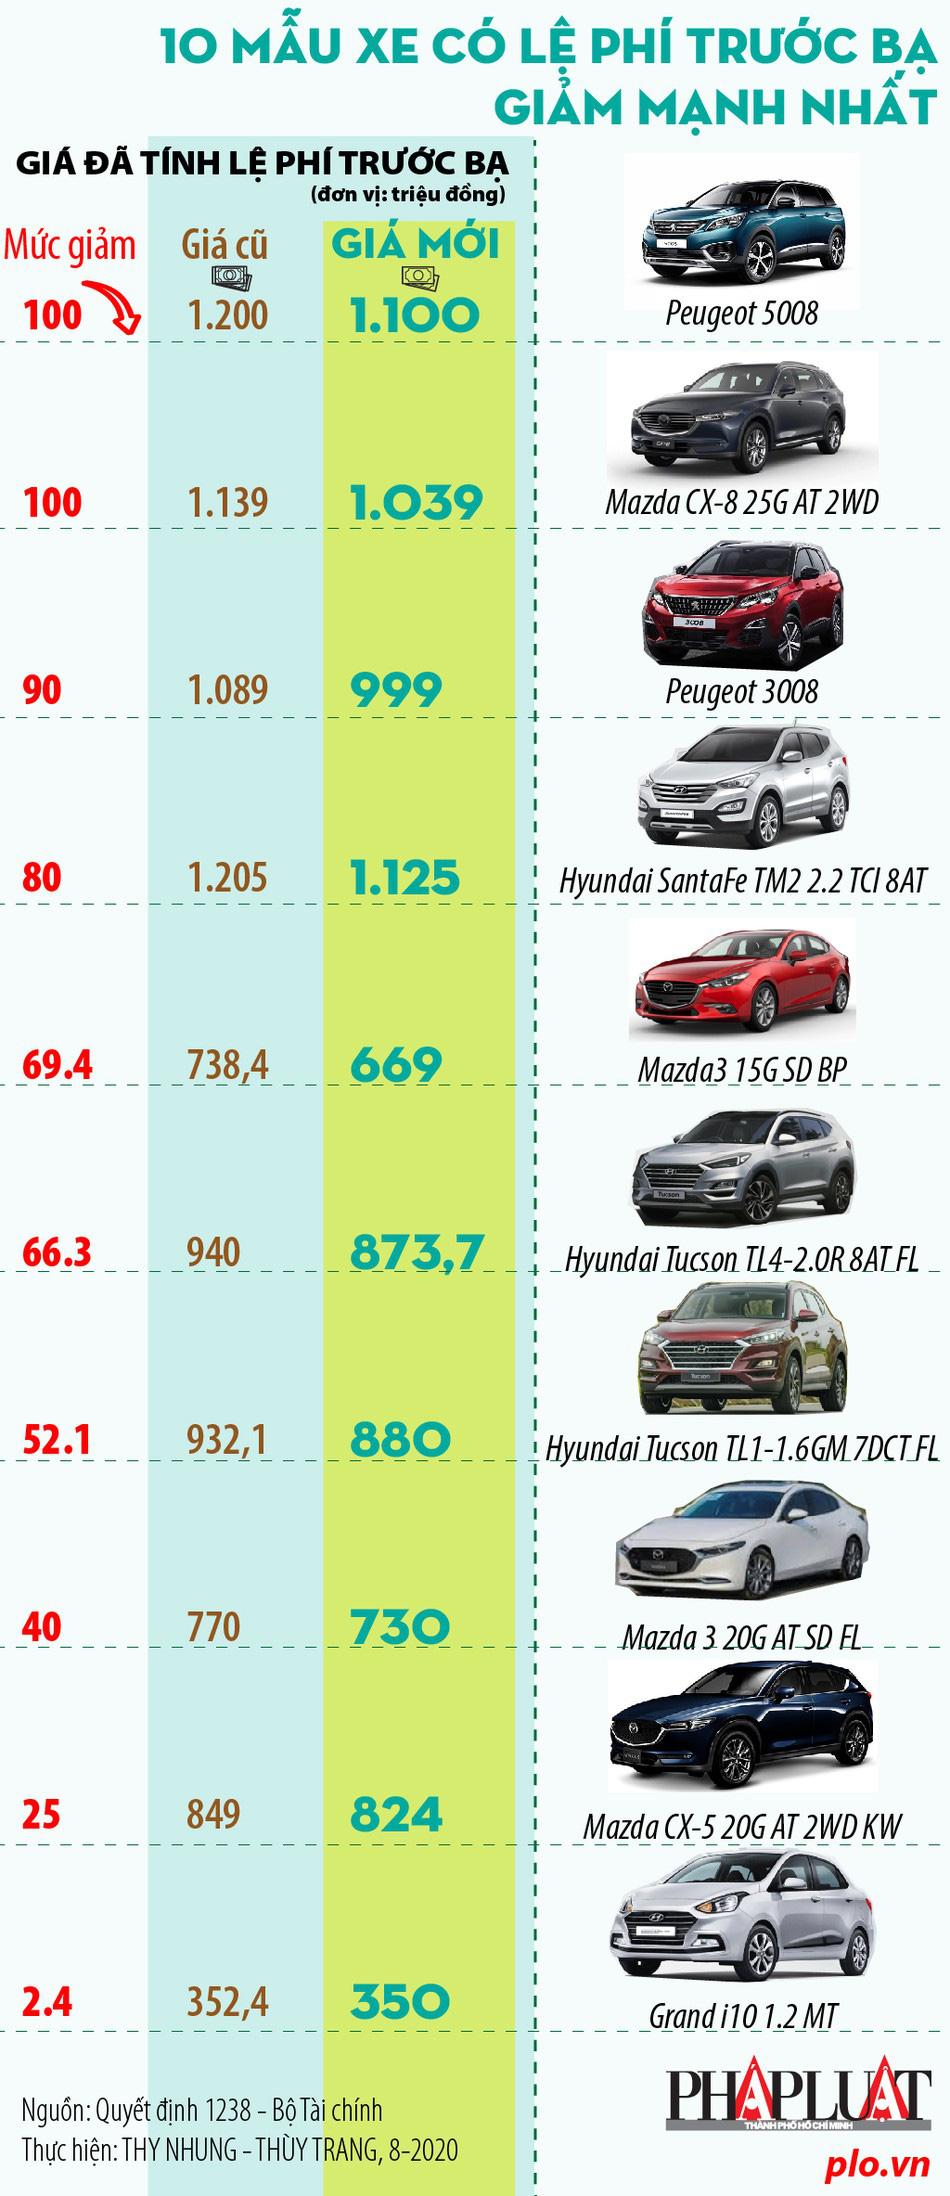 Điểm mặt 10 mẫu xe có lệ phí trước bạ giảm mạnh nhất - Ảnh 1.